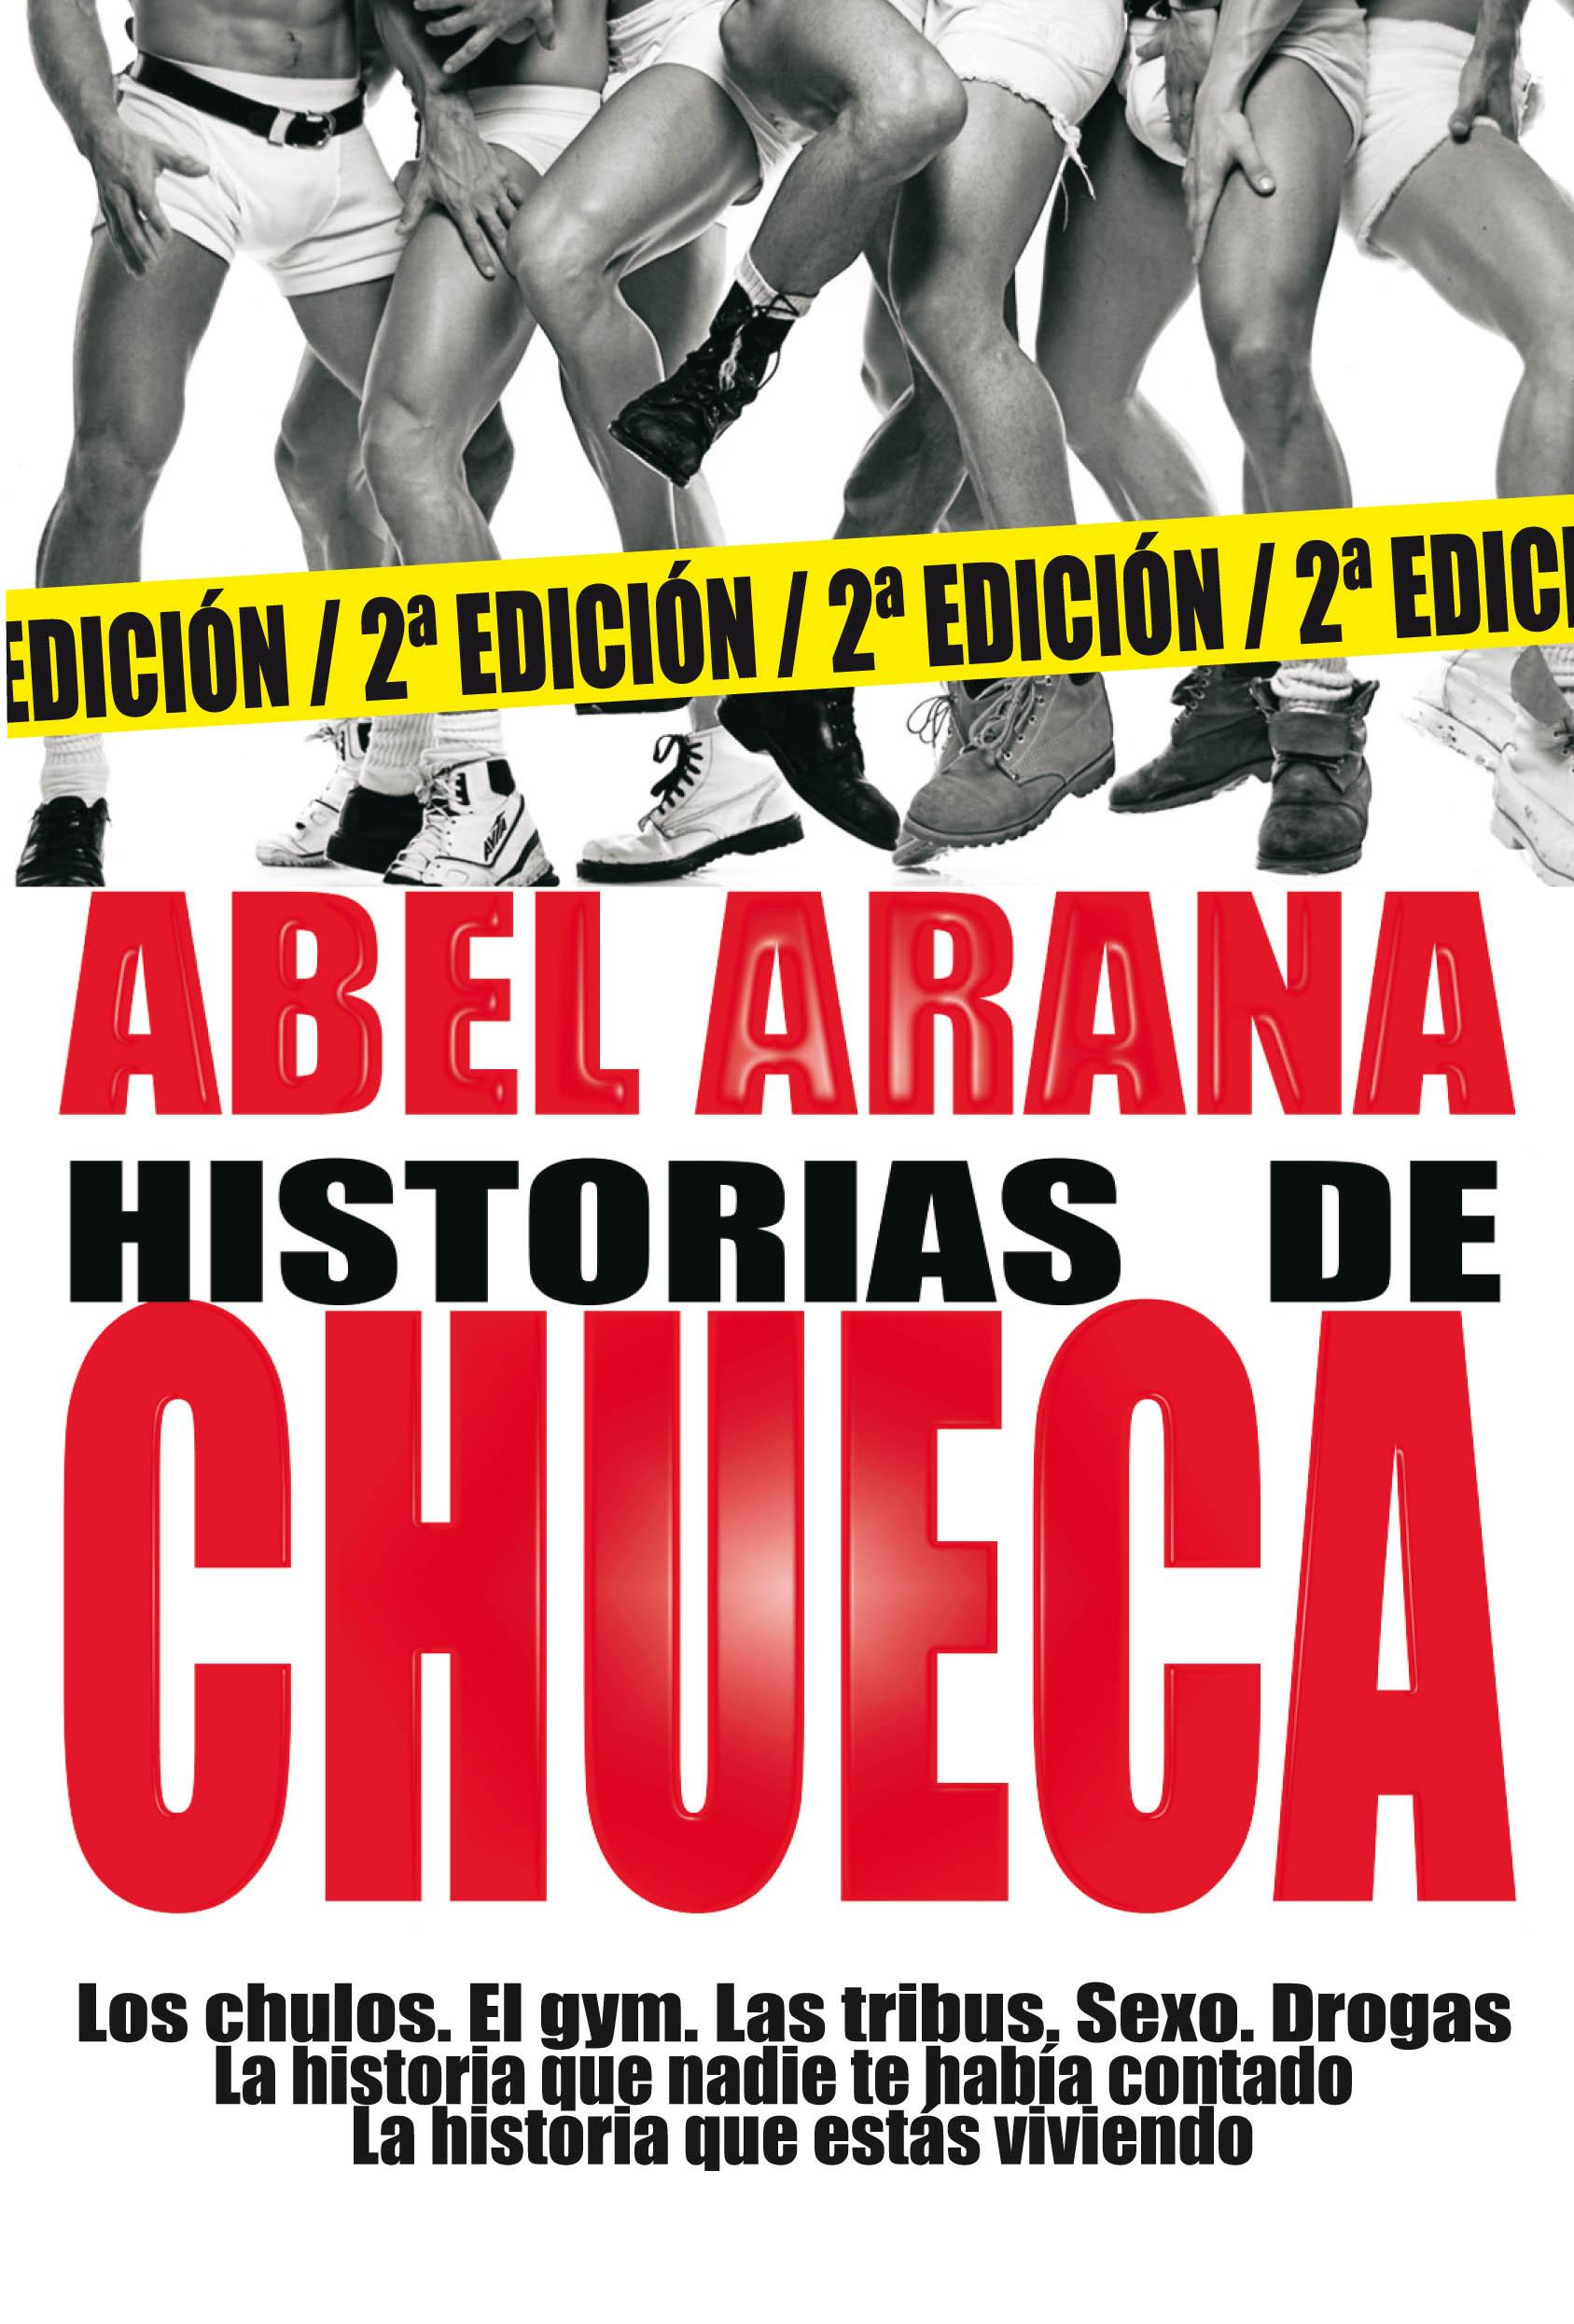 Historias de Chueca- 2ª edición